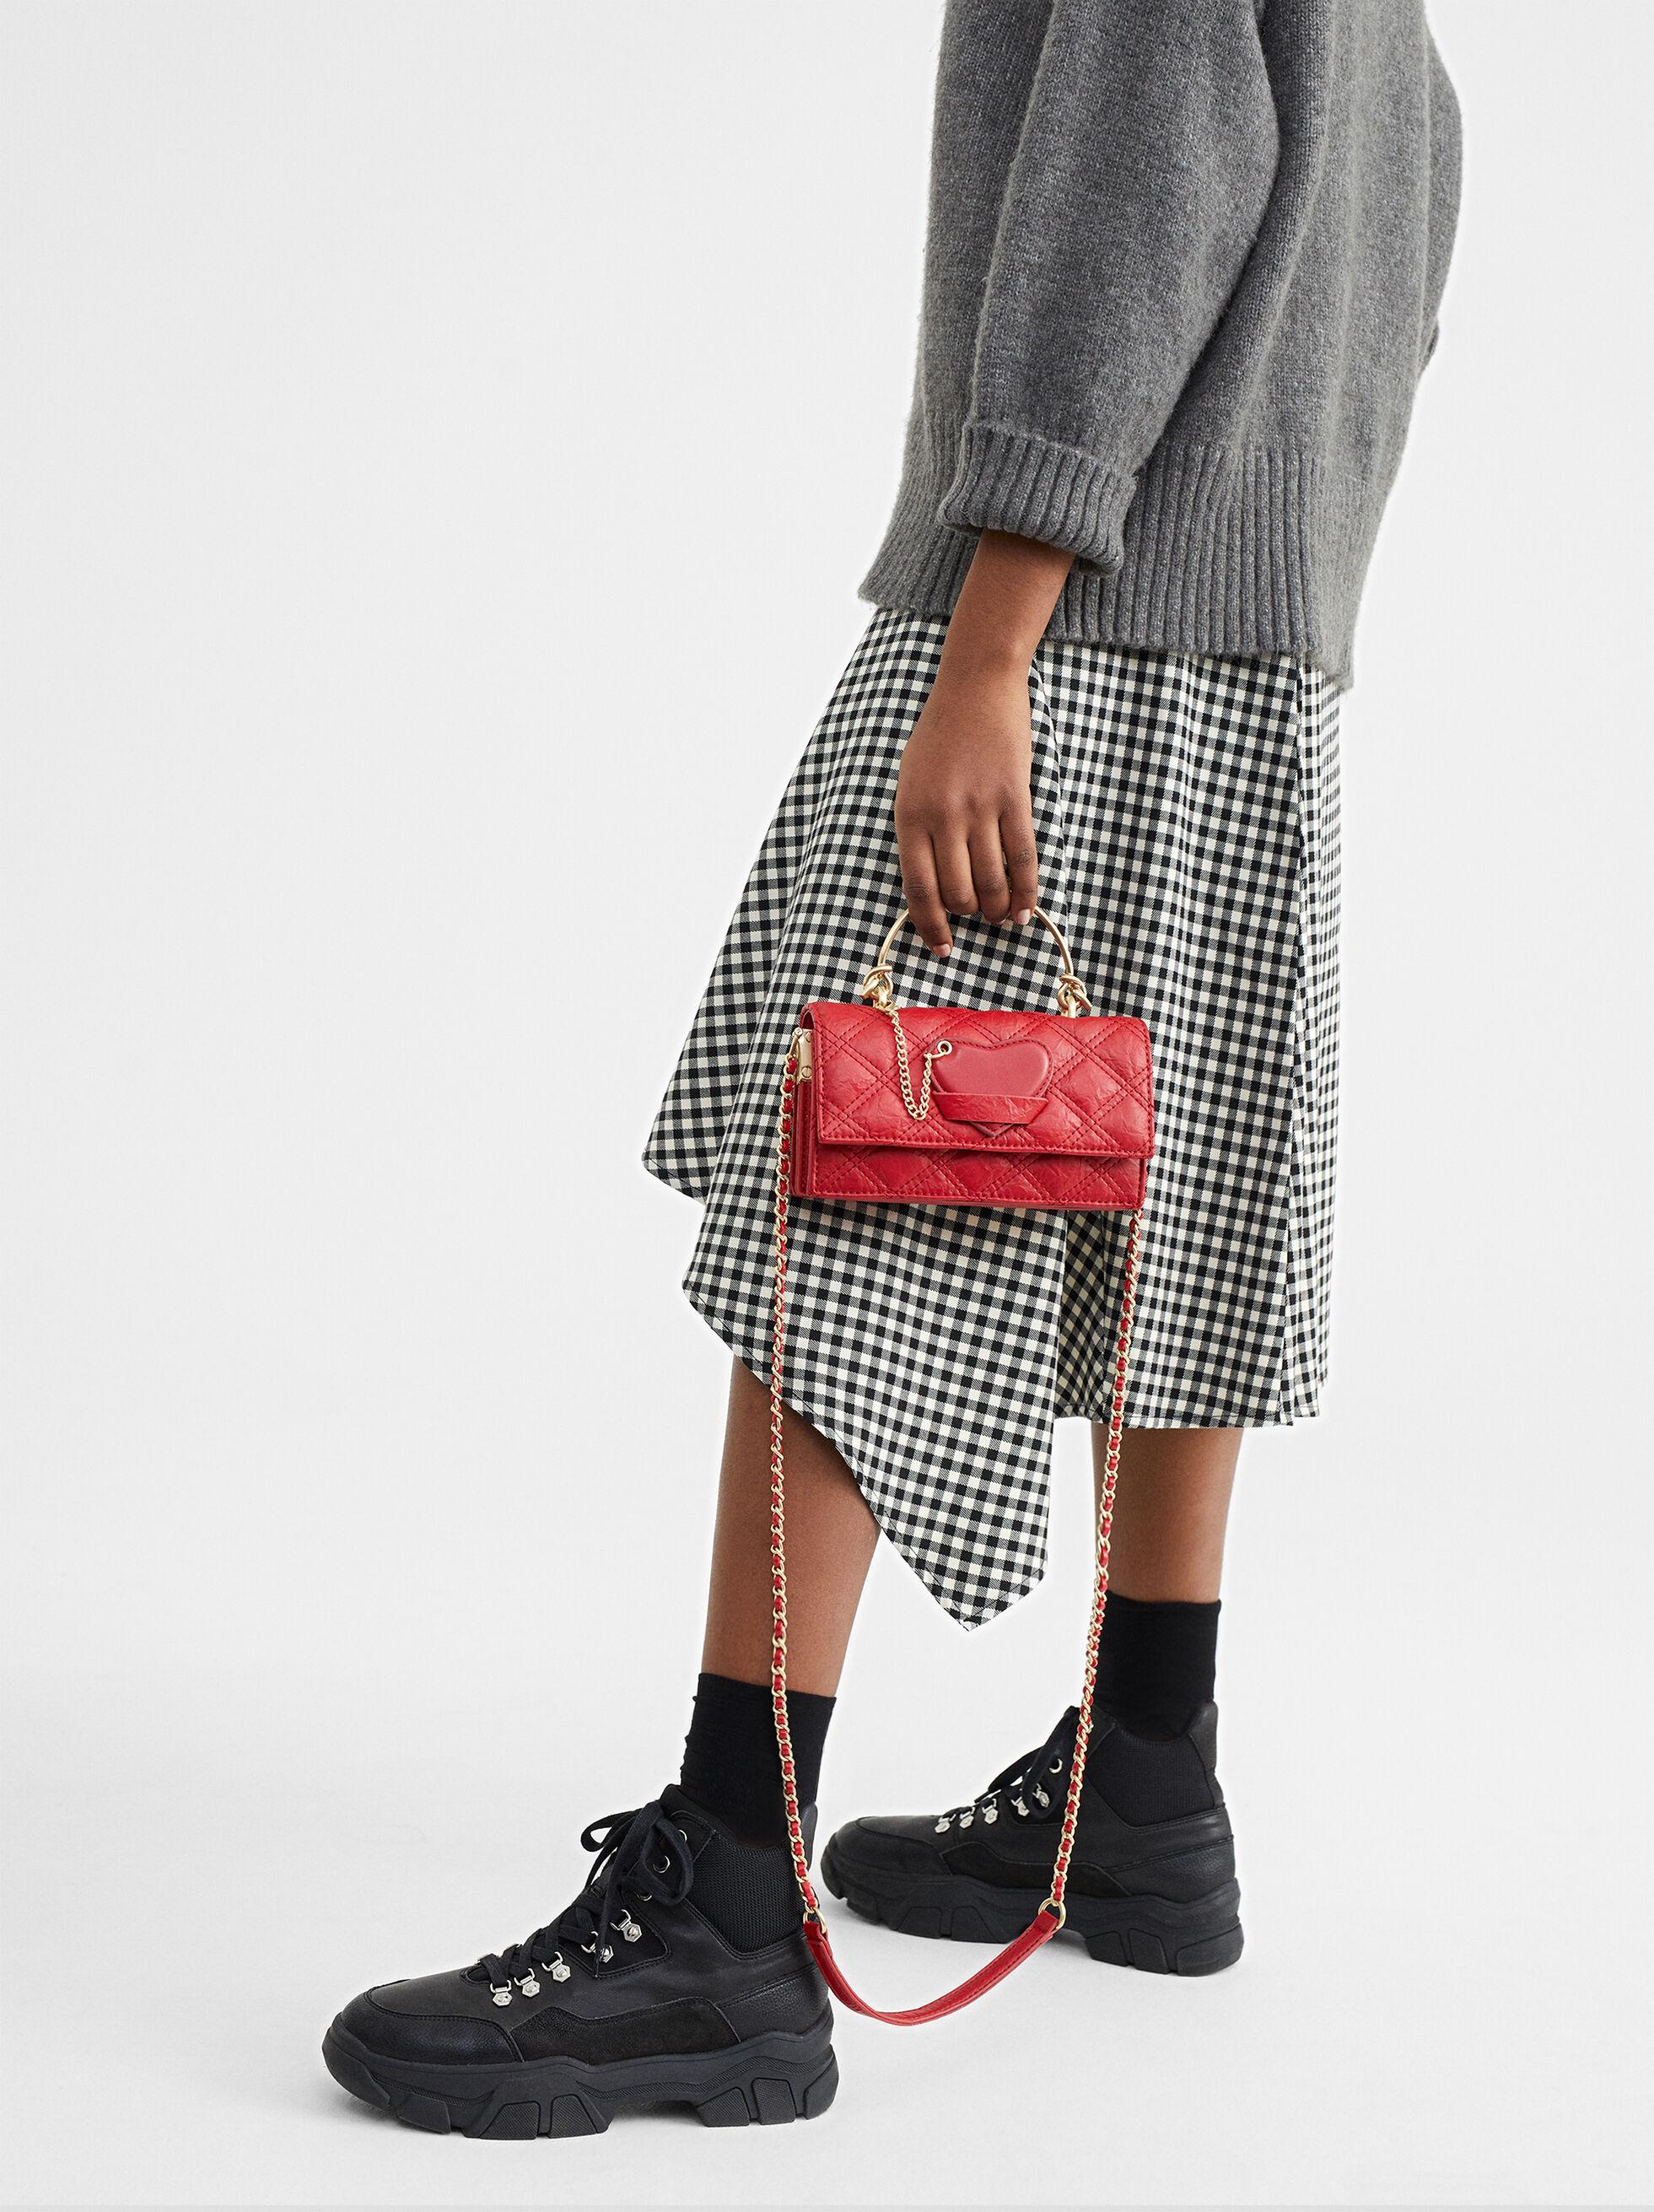 We Are Love Heart Shoulder Bag, Red, hi-res